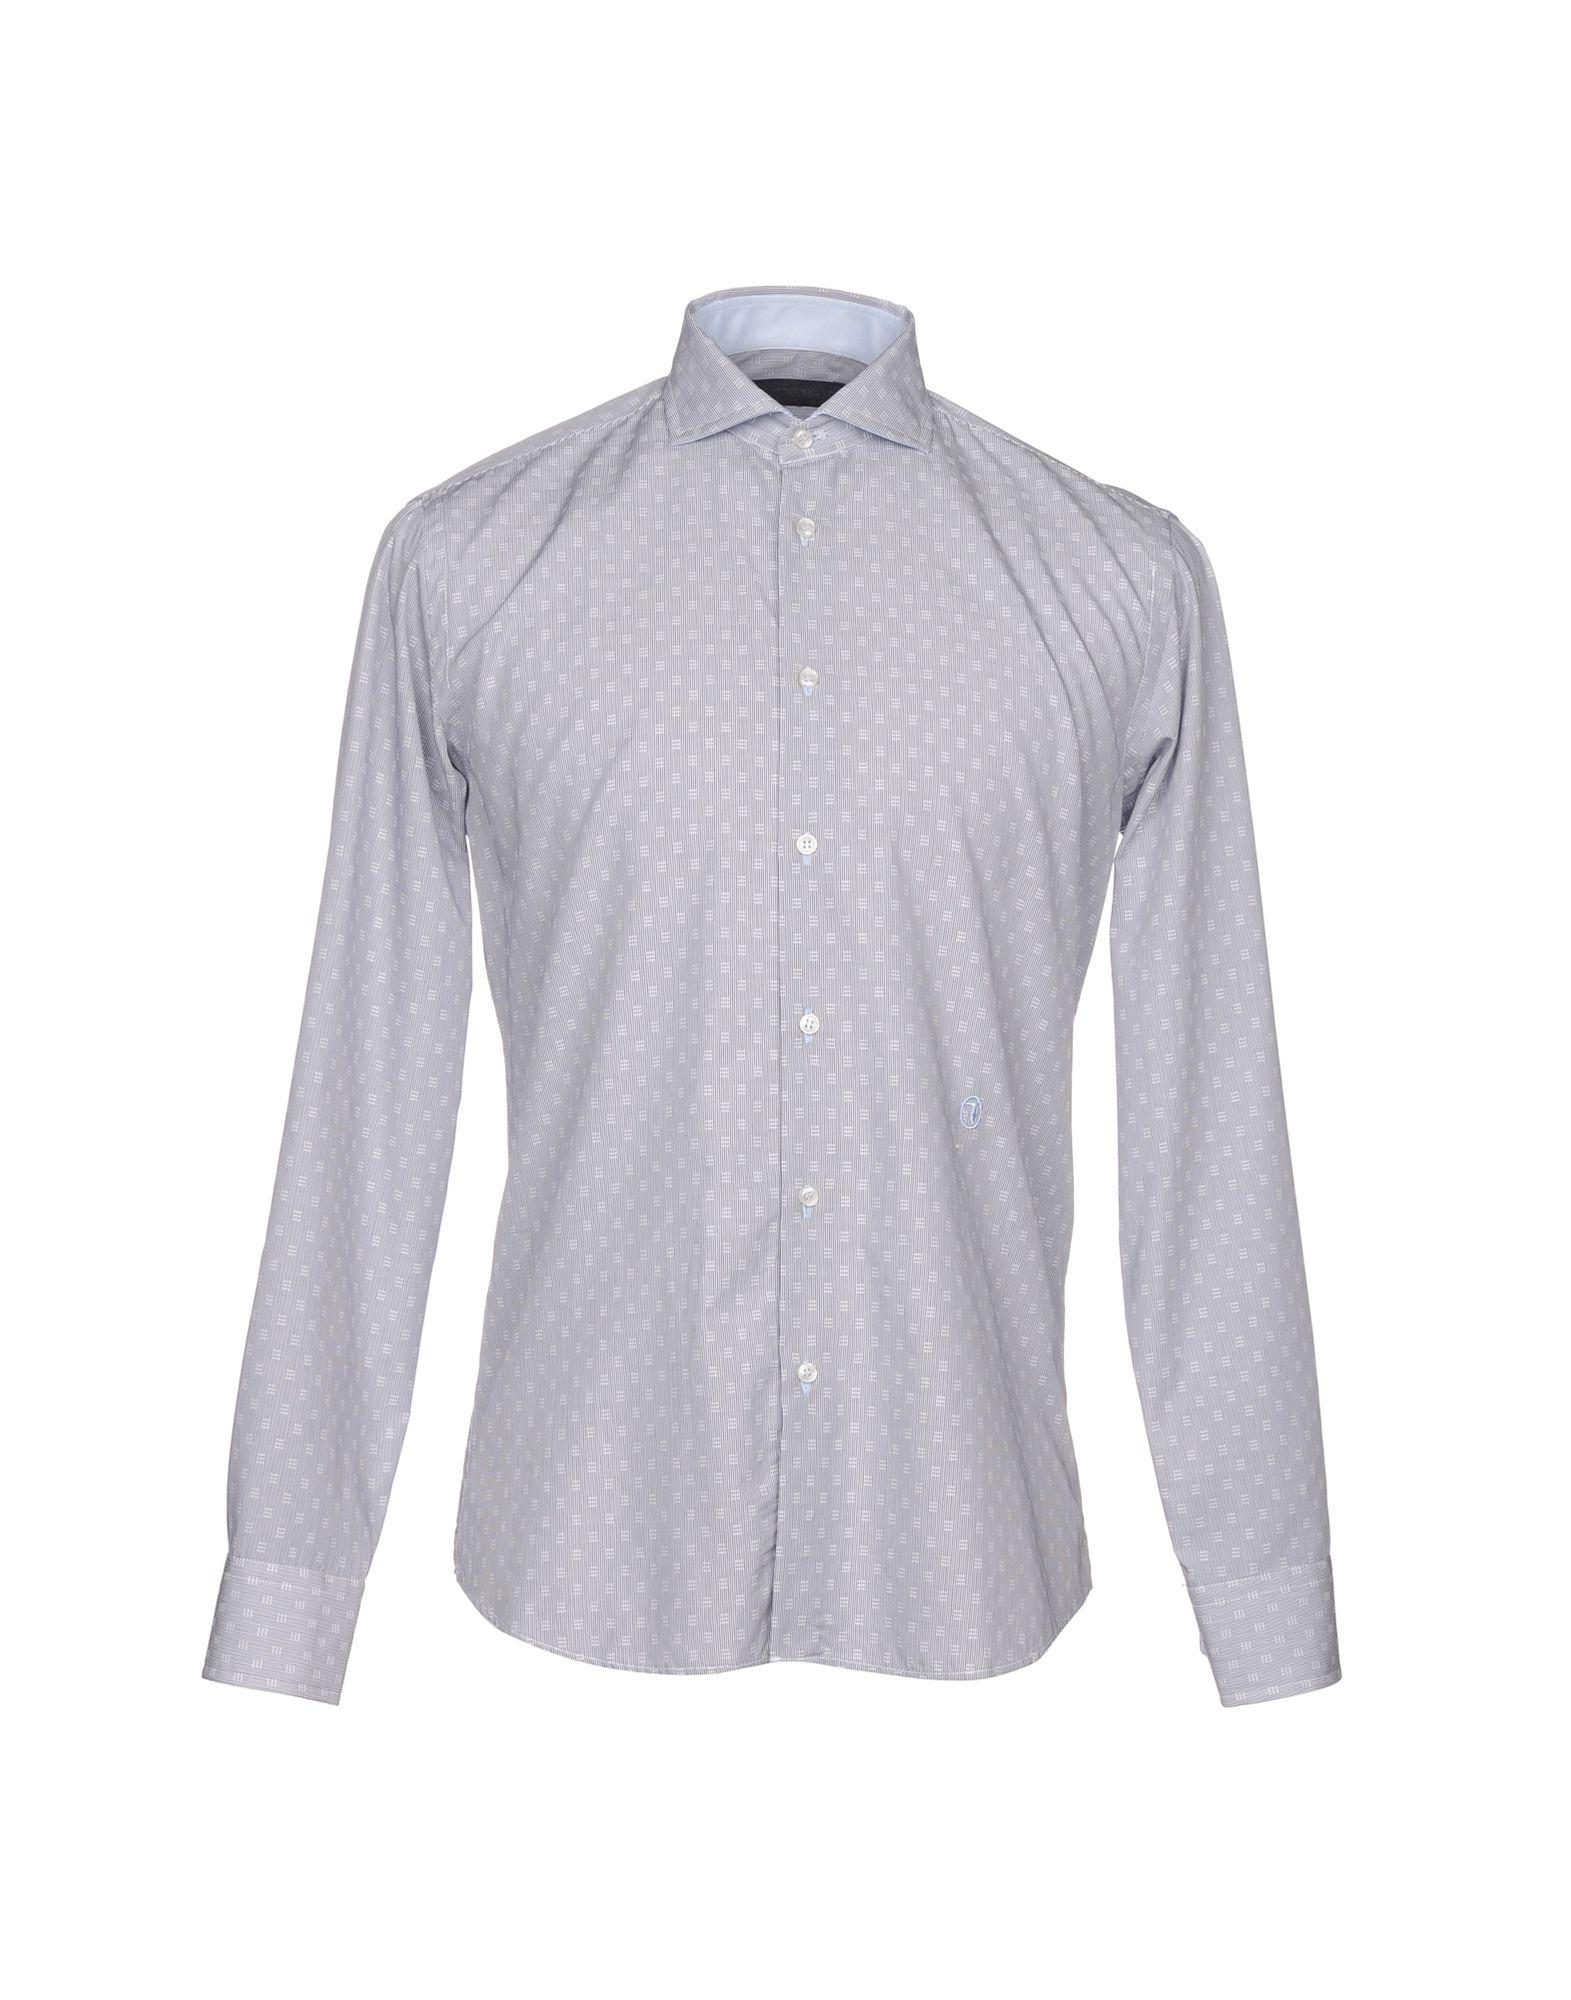 TRU TRUSSARDI Striped Shirt in Dark Blue